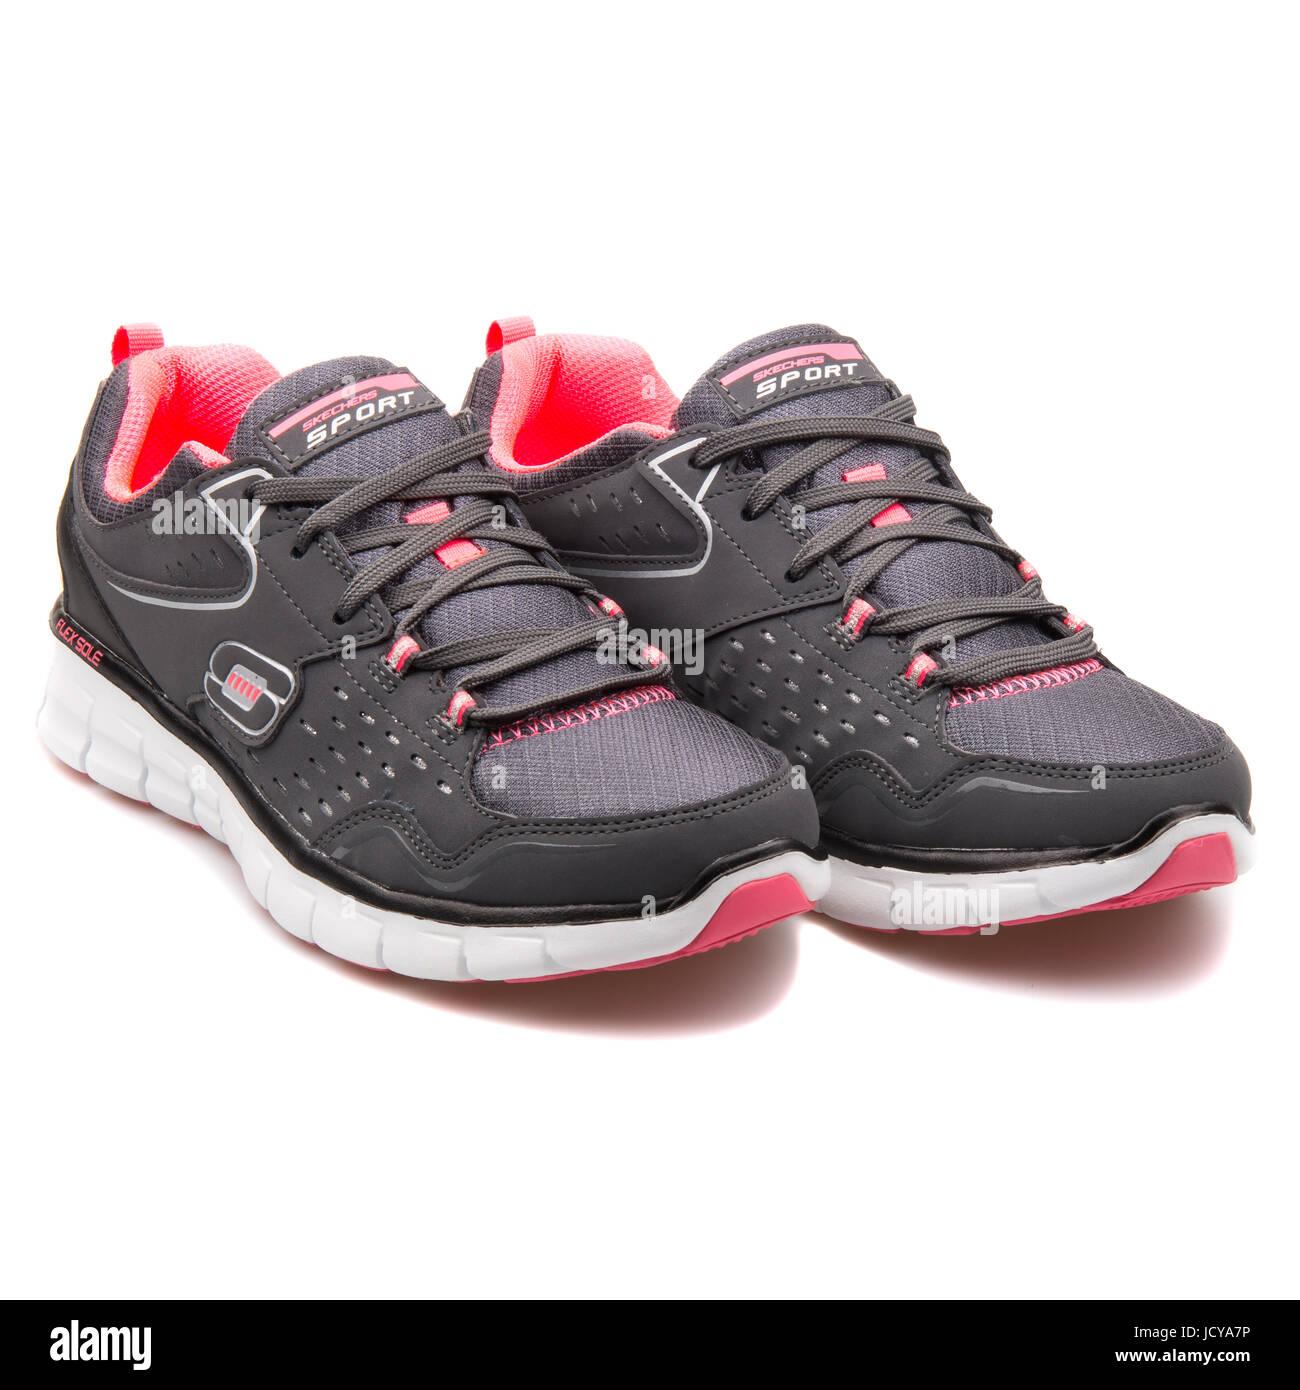 Skechers Synergy-Front Fila de Mujeres de Negro de Carbón calzados running - 12013-CCBK Imagen De Stock